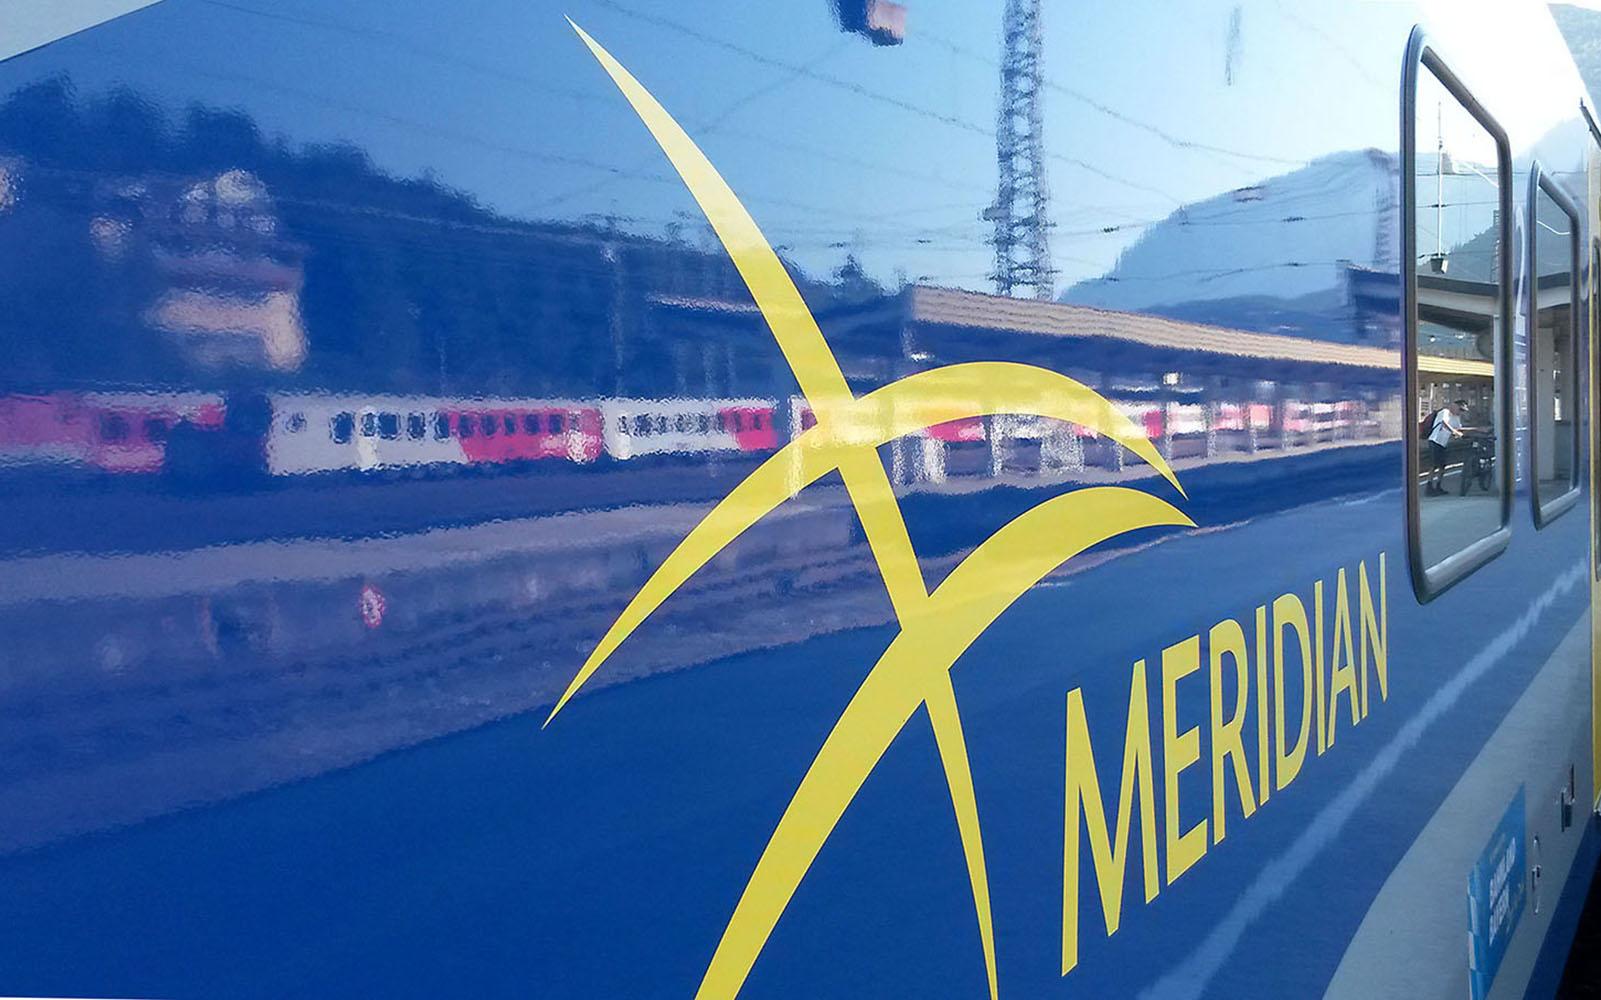 Foto: Der Meridian in Bayern - längjähriger railmen-Kunde im Personennahverkehr. Das Meridian-Unglück 2016 wird auch den railmen-Mitarbeitern auf ewig in Erinnerung bleiben.